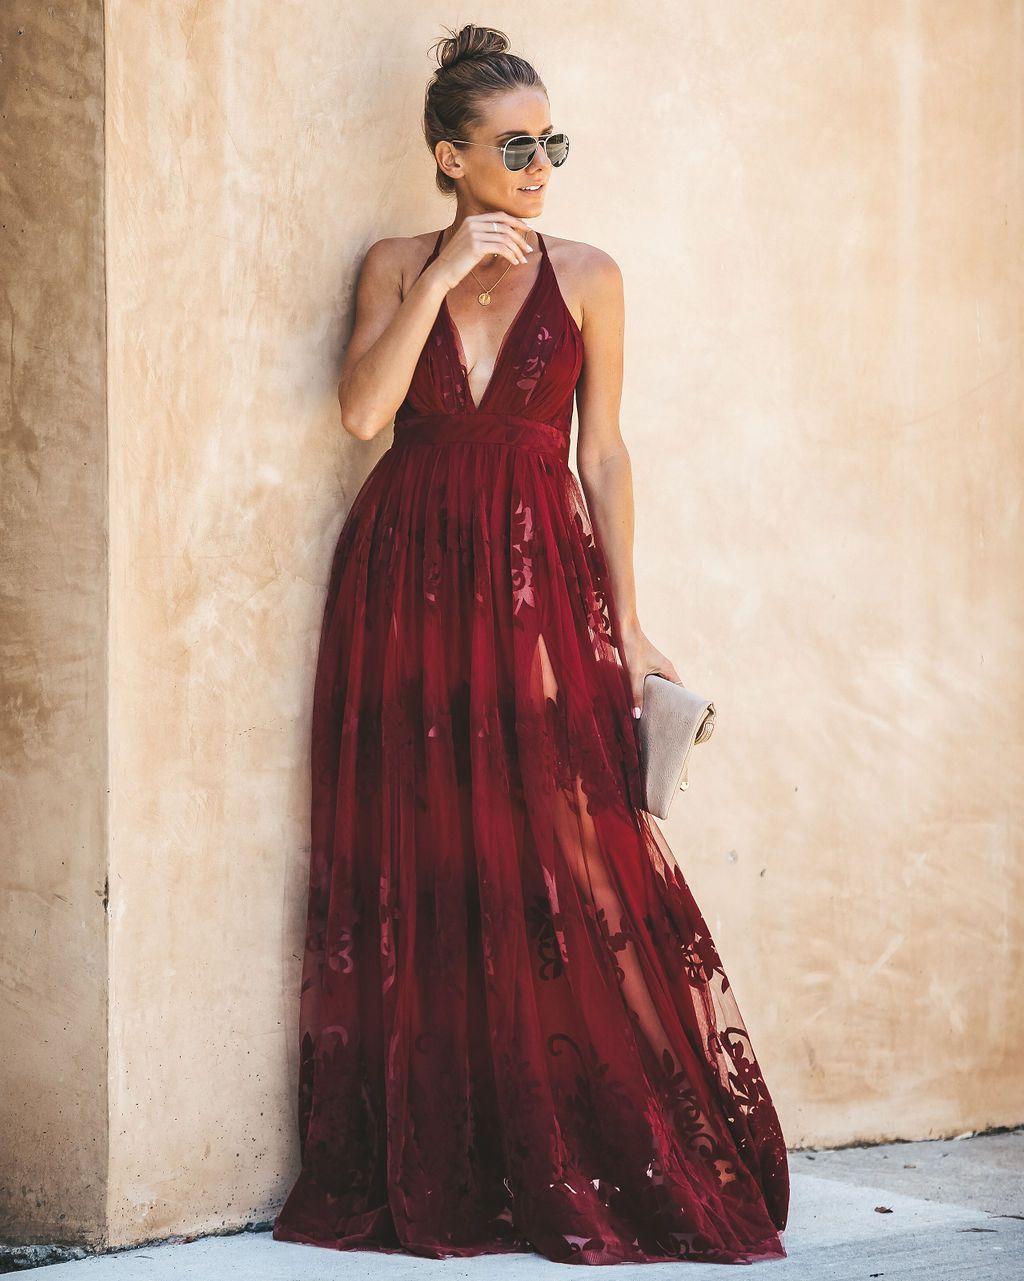 Antonia Maxi Dress Wine Dresses Maxi Dress Pretty Prom Dresses [ 1281 x 1024 Pixel ]